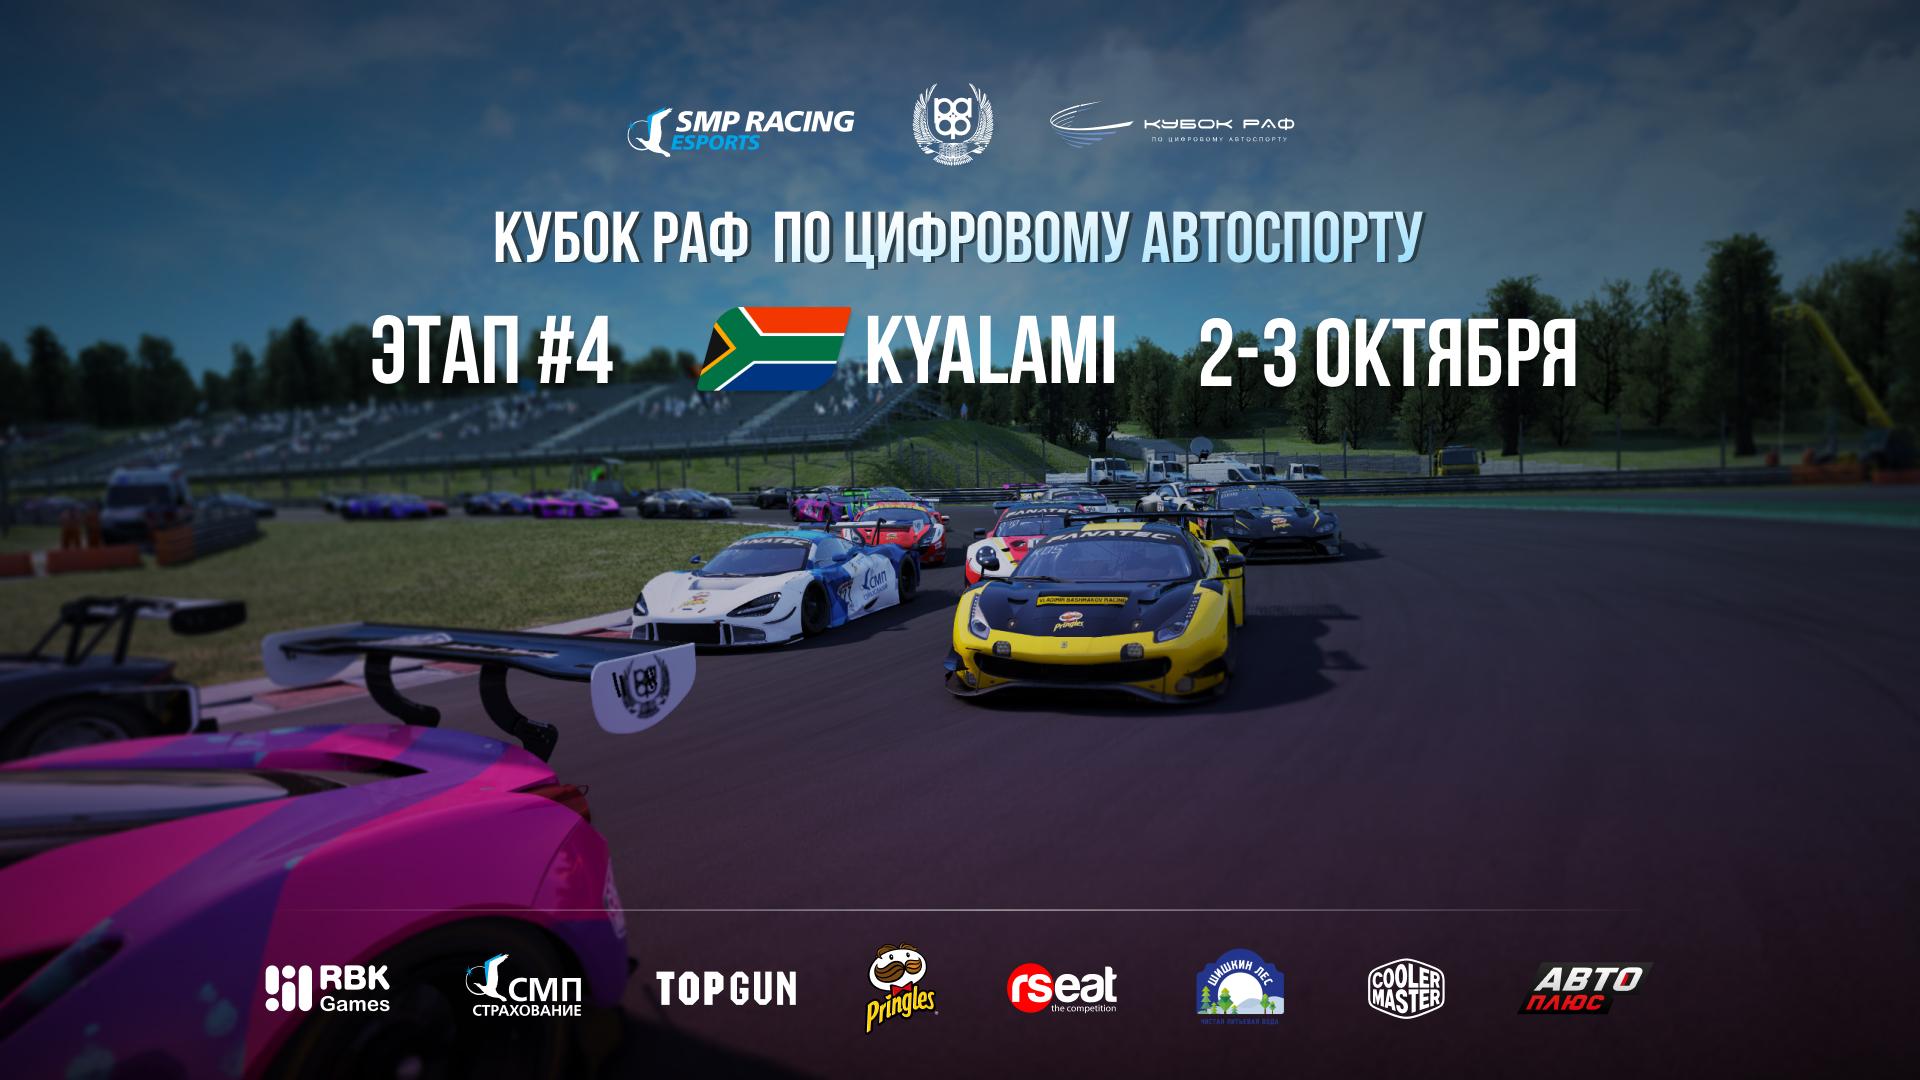 Четвертый этап Кубка РАФ пройдет 18-19 сентября на трассе Кьялами